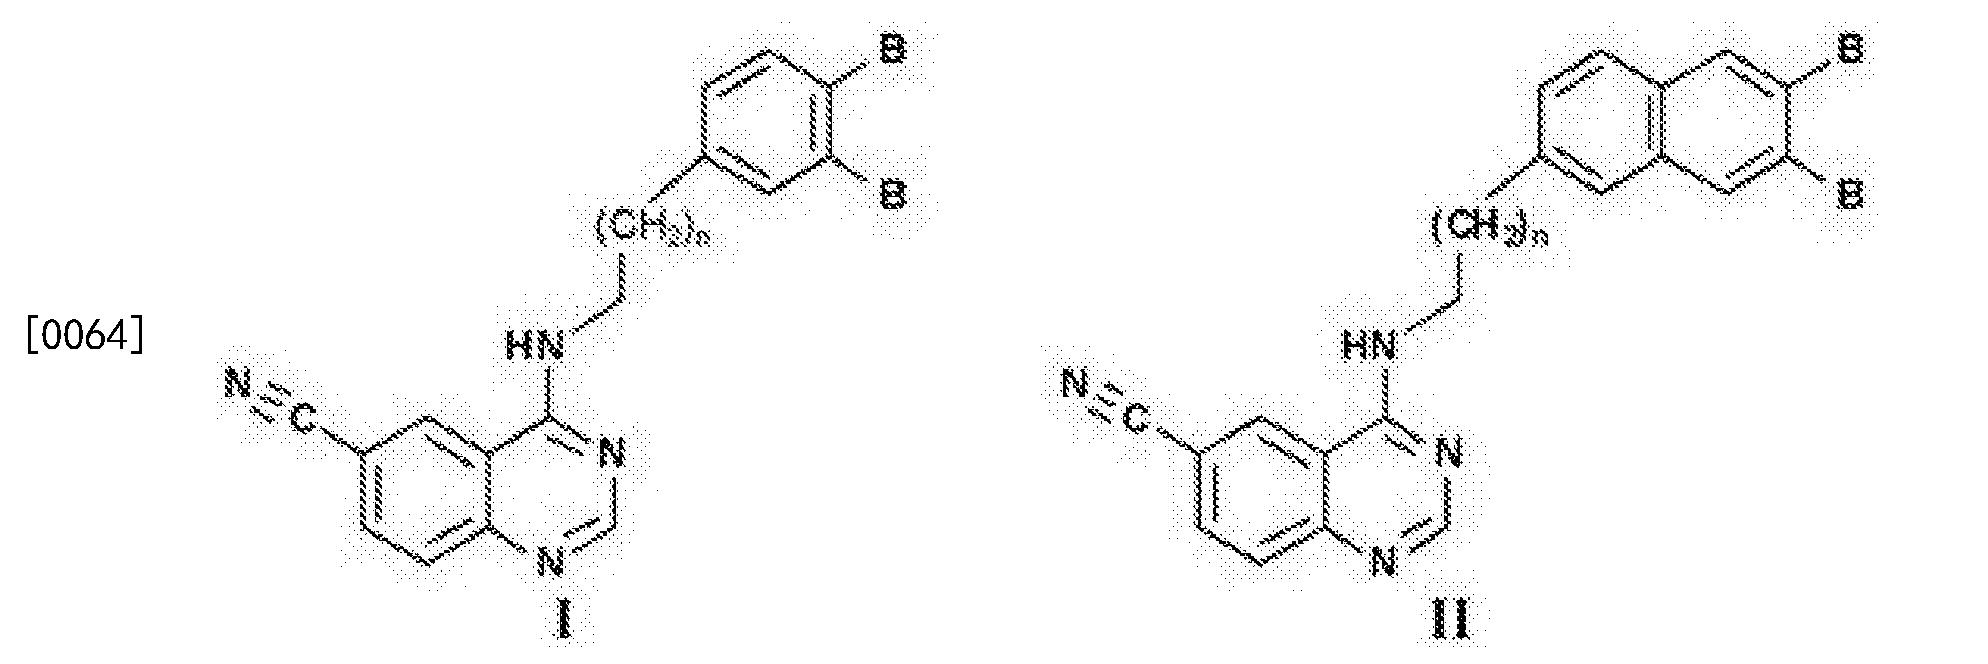 Figure CN104363913BD00121